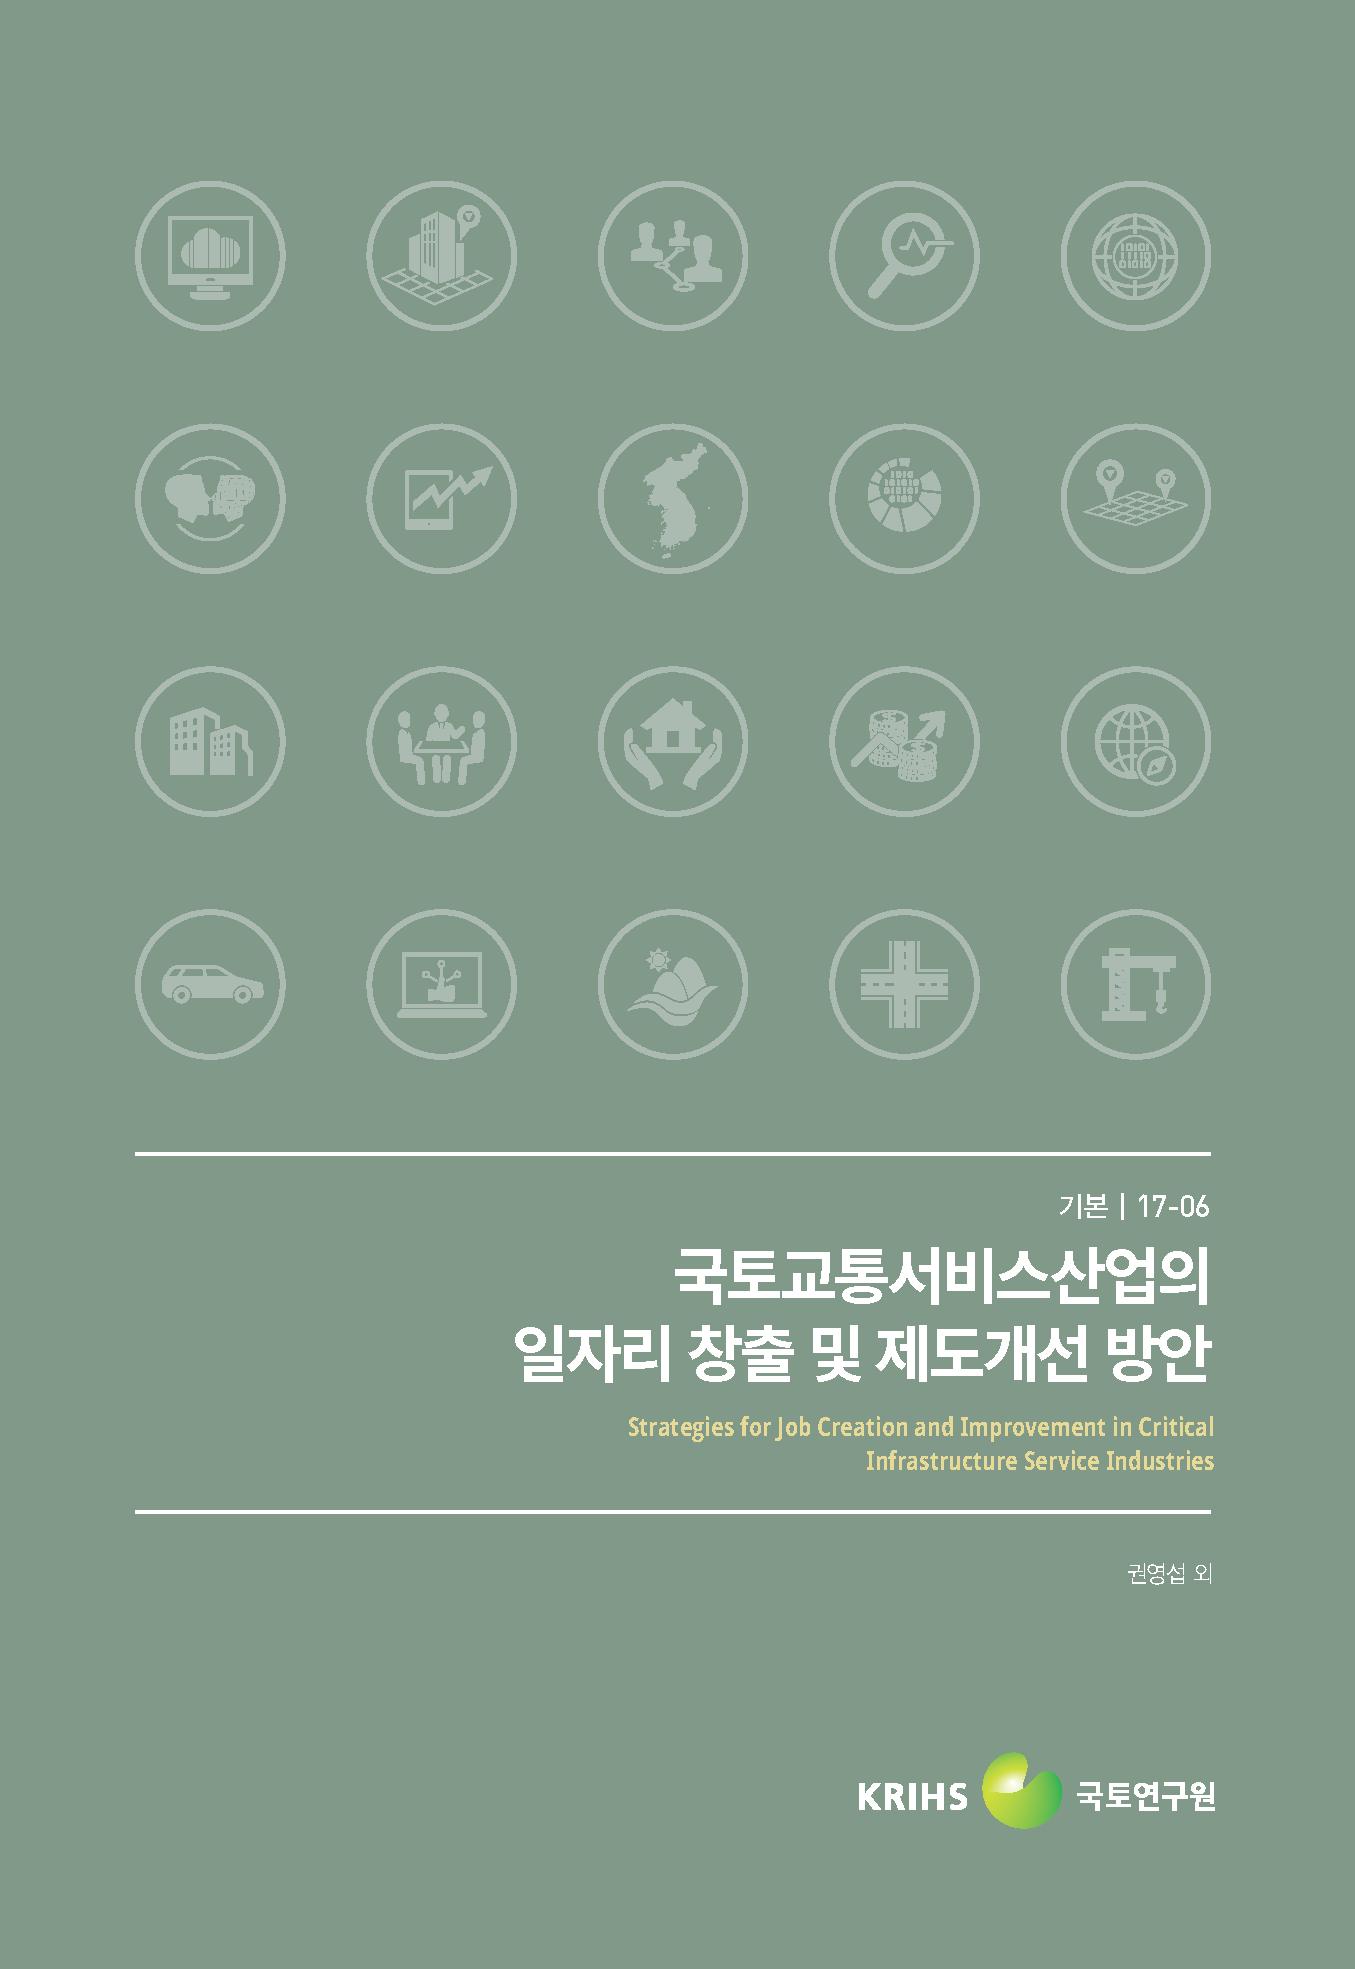 국토교통서비스산업의 일자리 창출 및 제도개선 방안표지